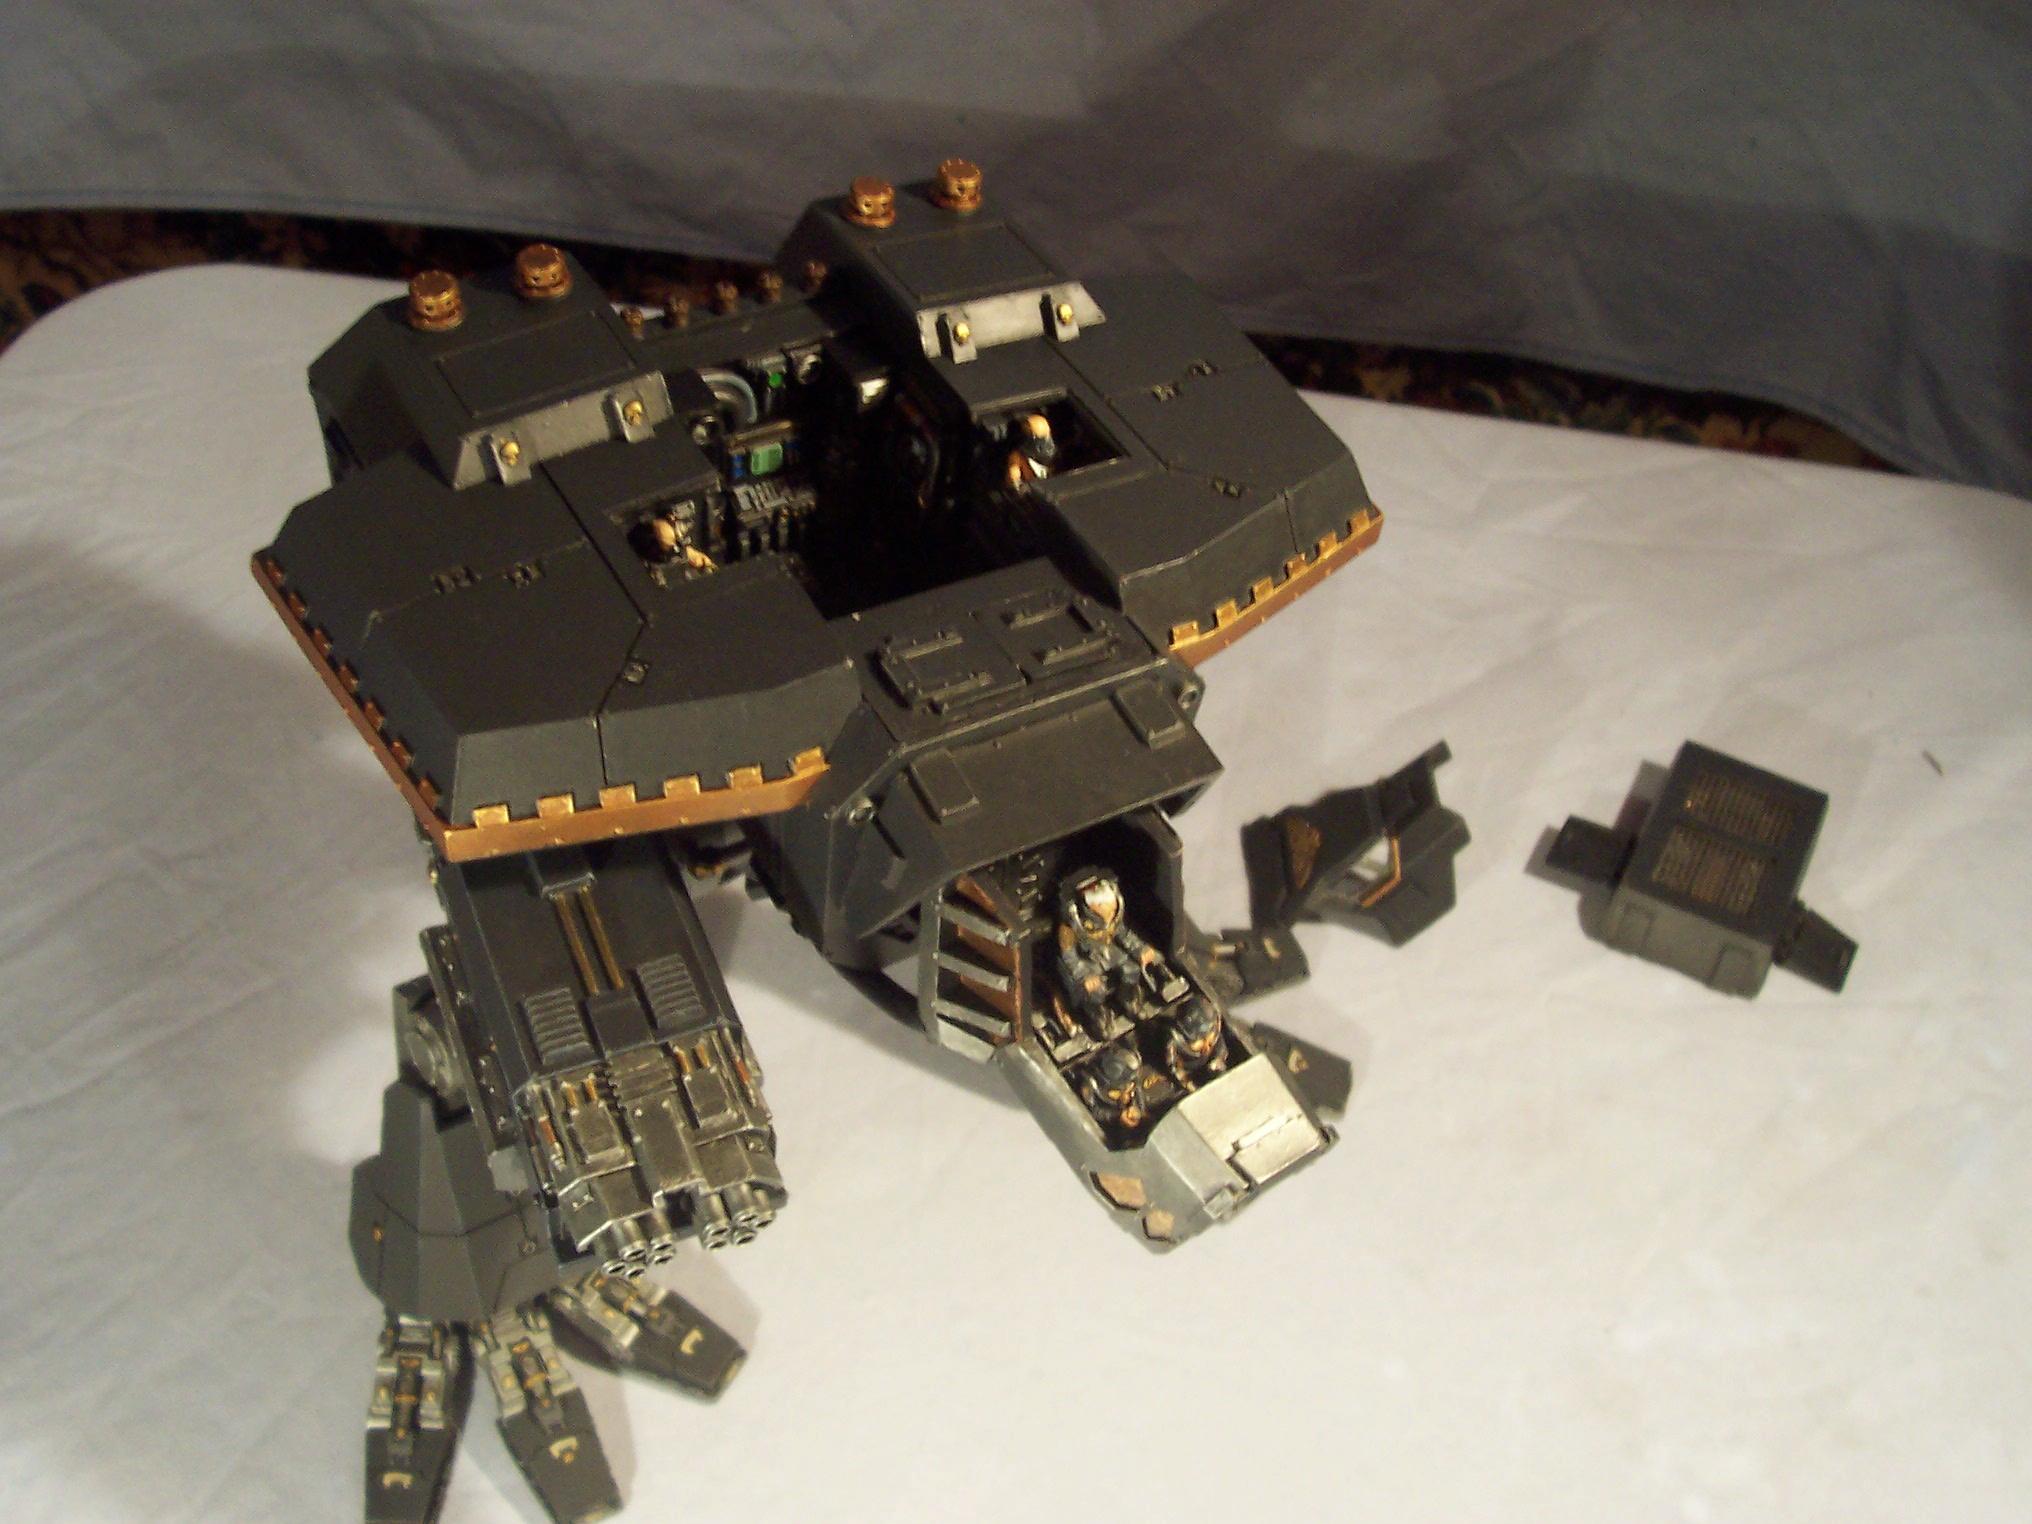 Apocalypse, Forge World, Imperial, Titan, Warhammer 40,000, Warhound